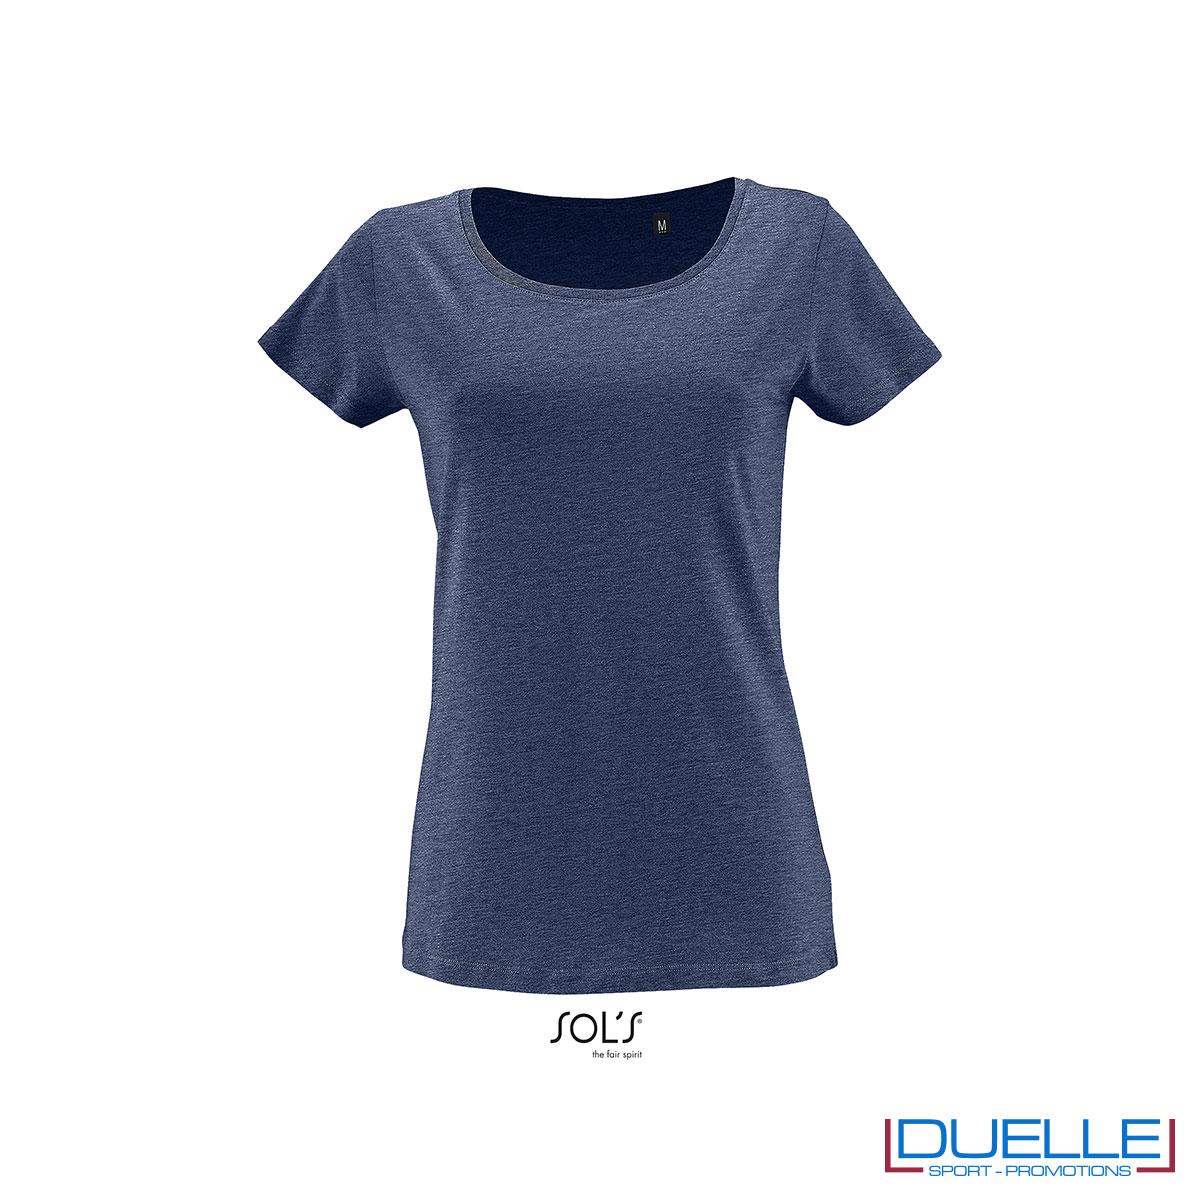 maglietta denim donna 100% cotone jersey